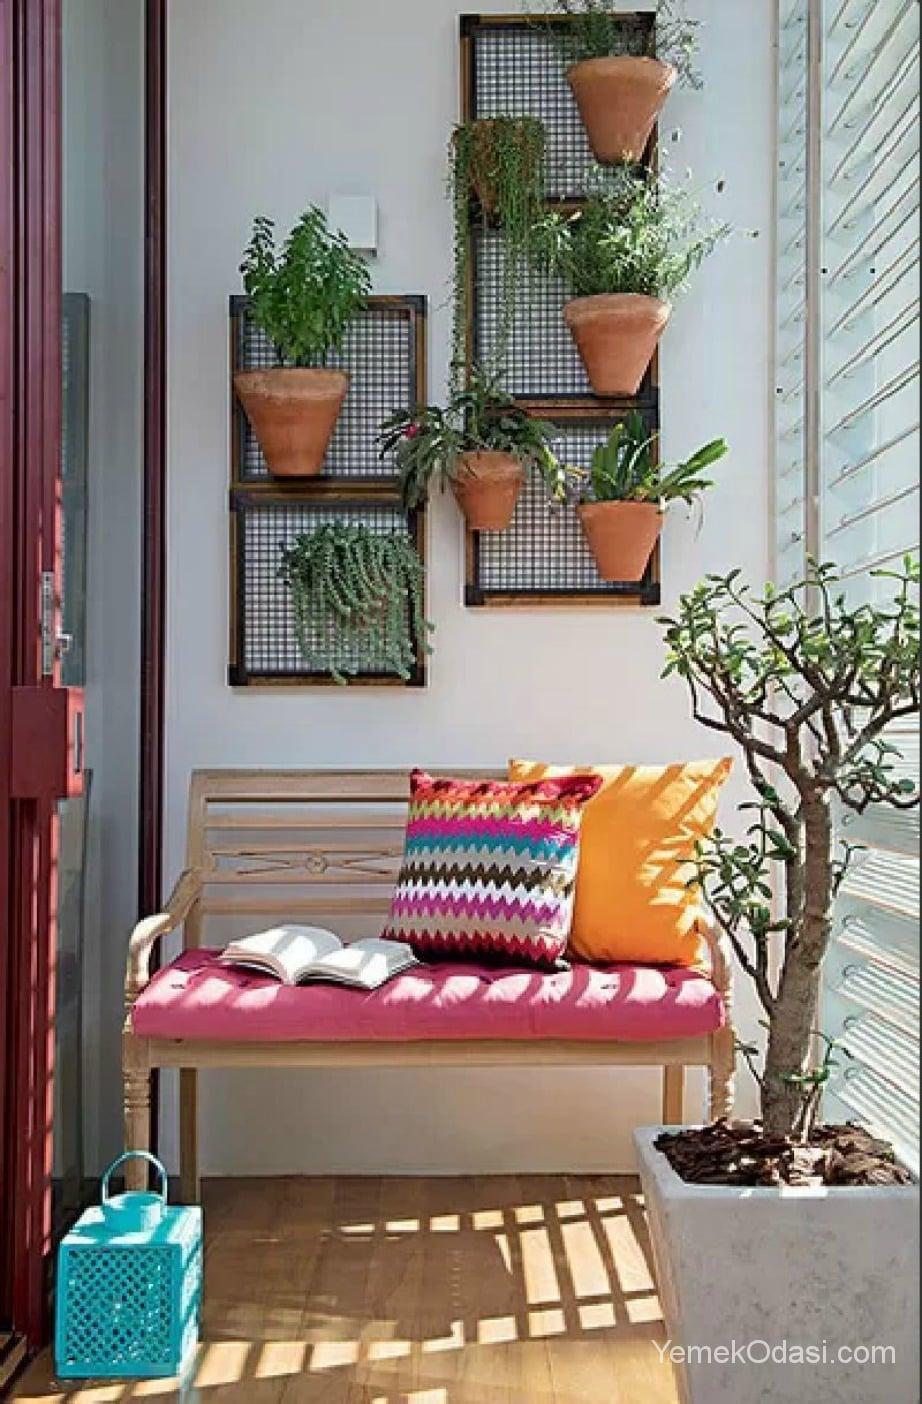 Küçük balkonlar için dekorasyon önerileri